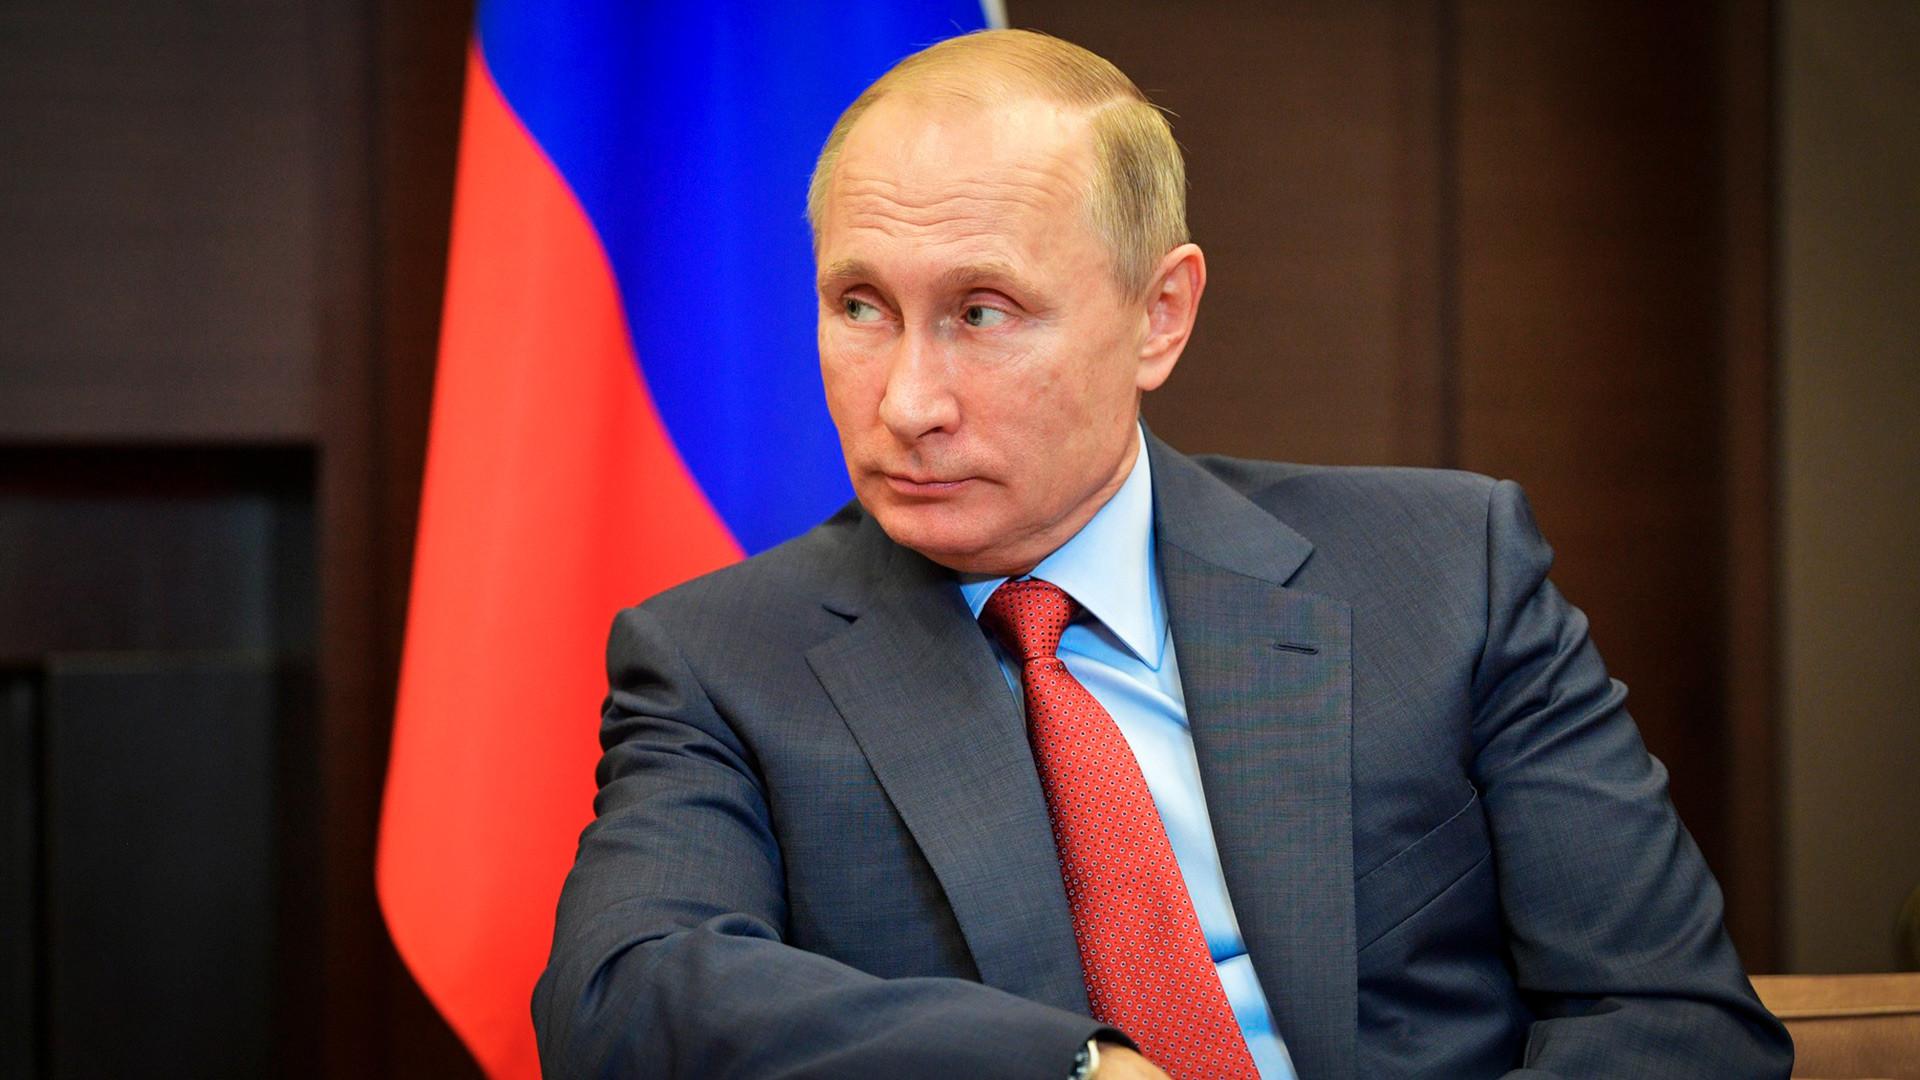 Vladimir Poutine, le président de la Russie.